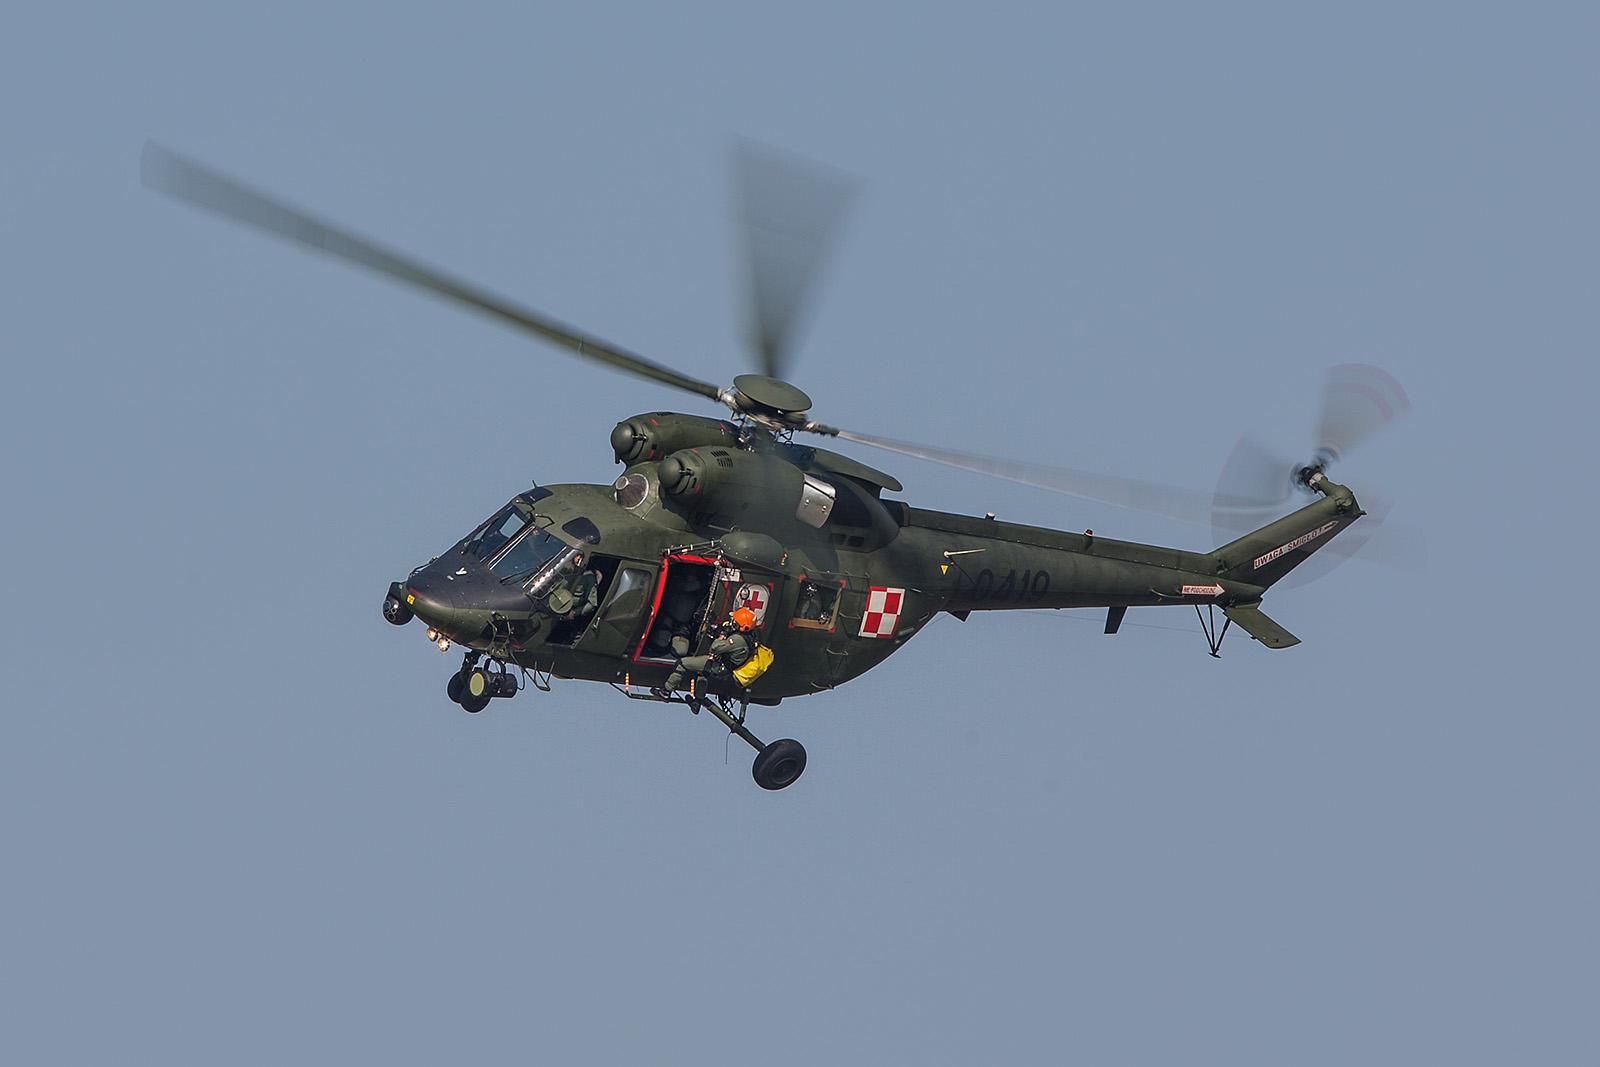 Ein PZL W-3 Sokol der Polniscgen Armee bei der SAR-Vorführung